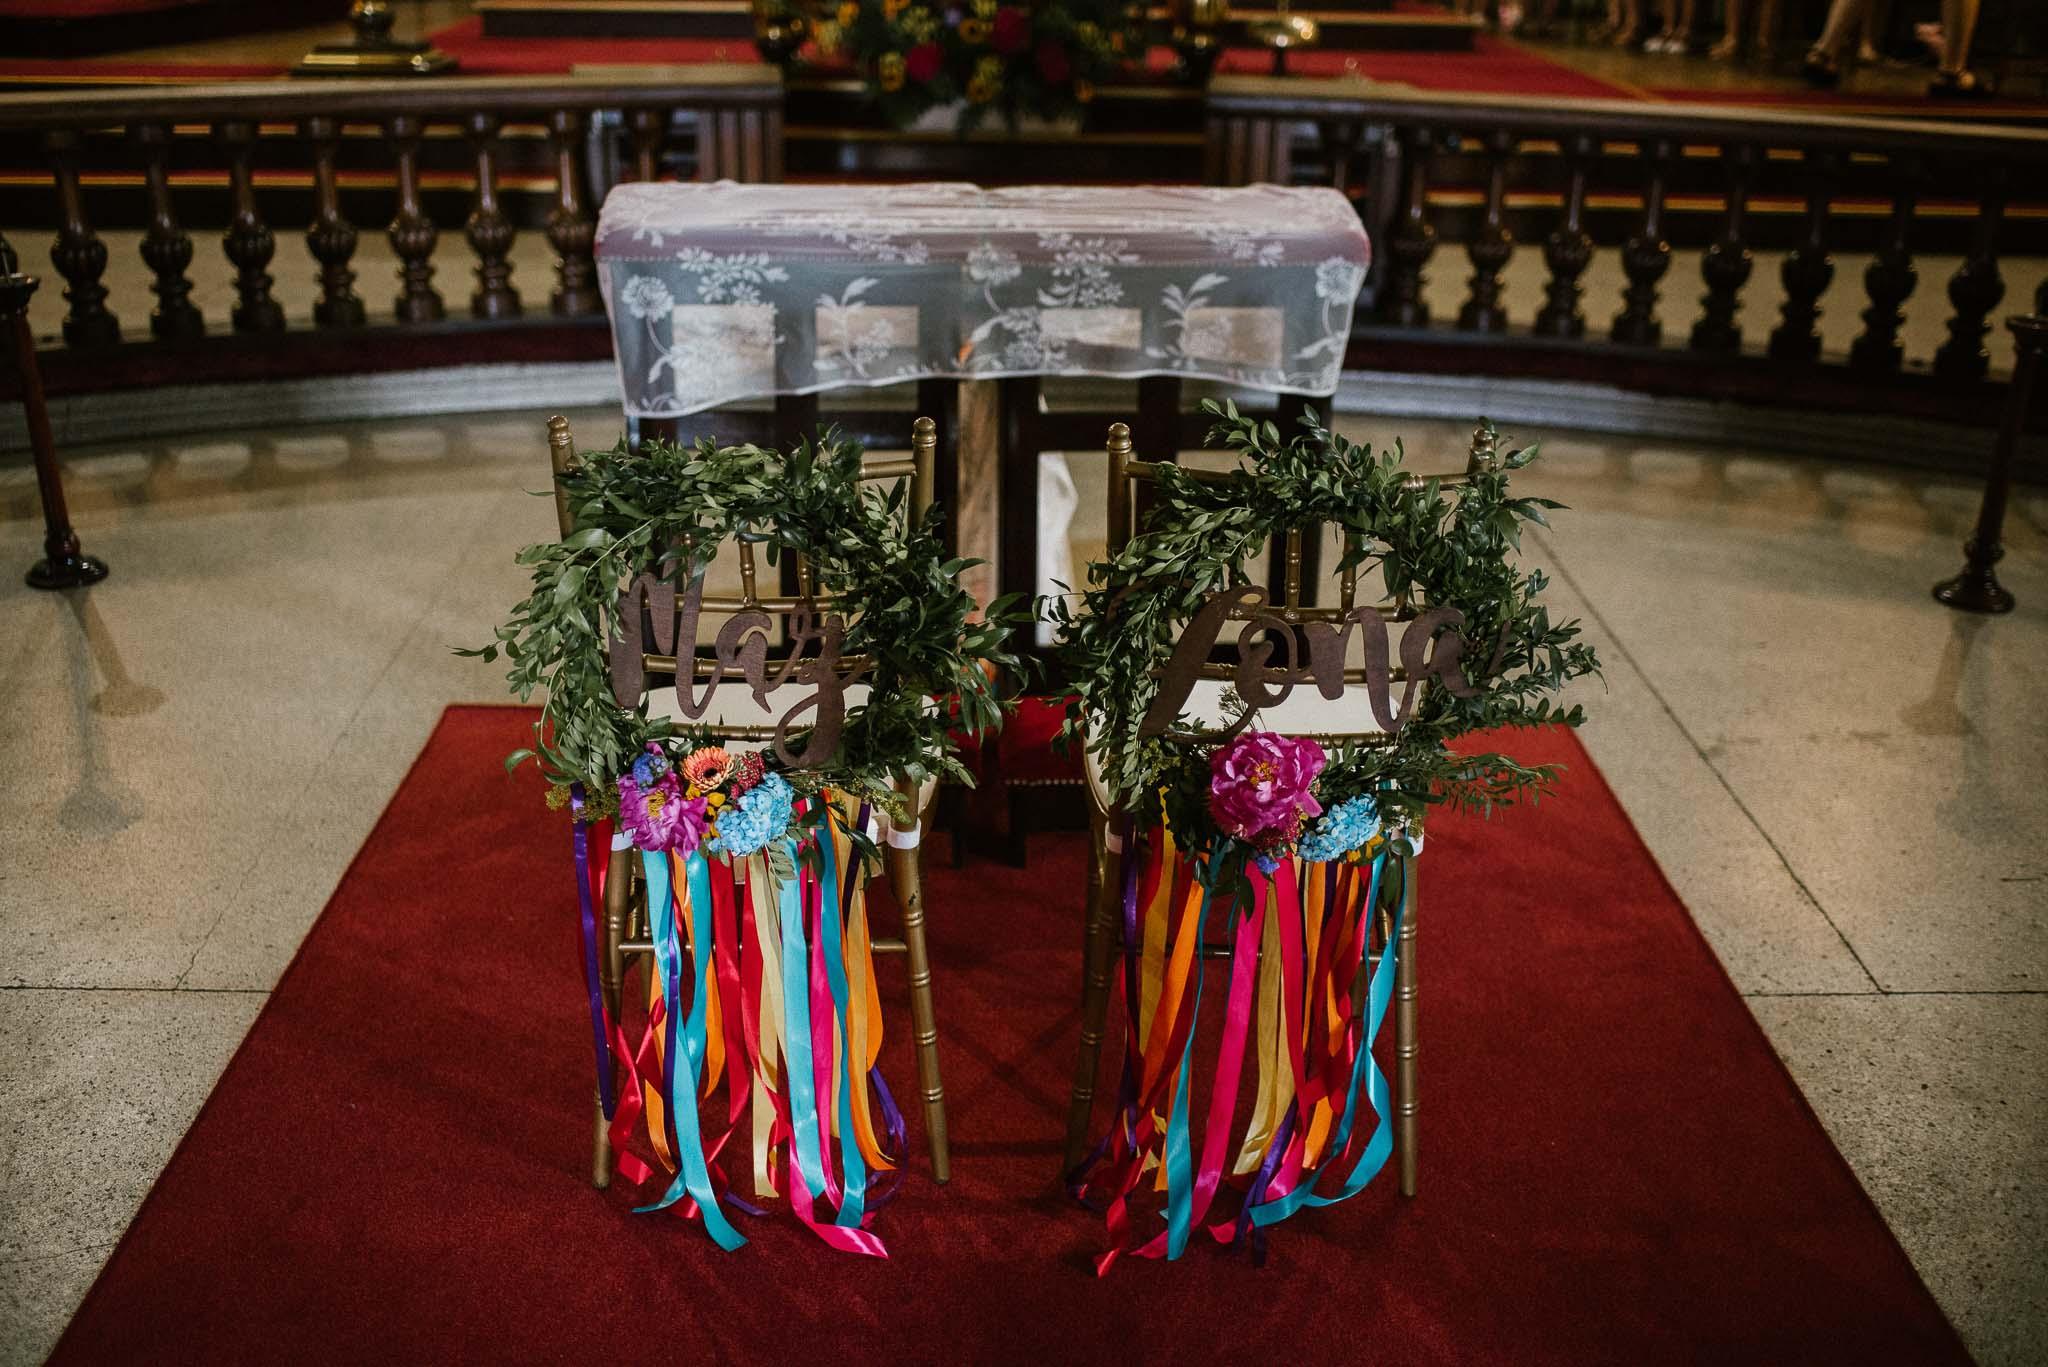 Ustrojony kościół, kolorowe wstążki i kwiaty - ślub w stodole w Dyrkowie